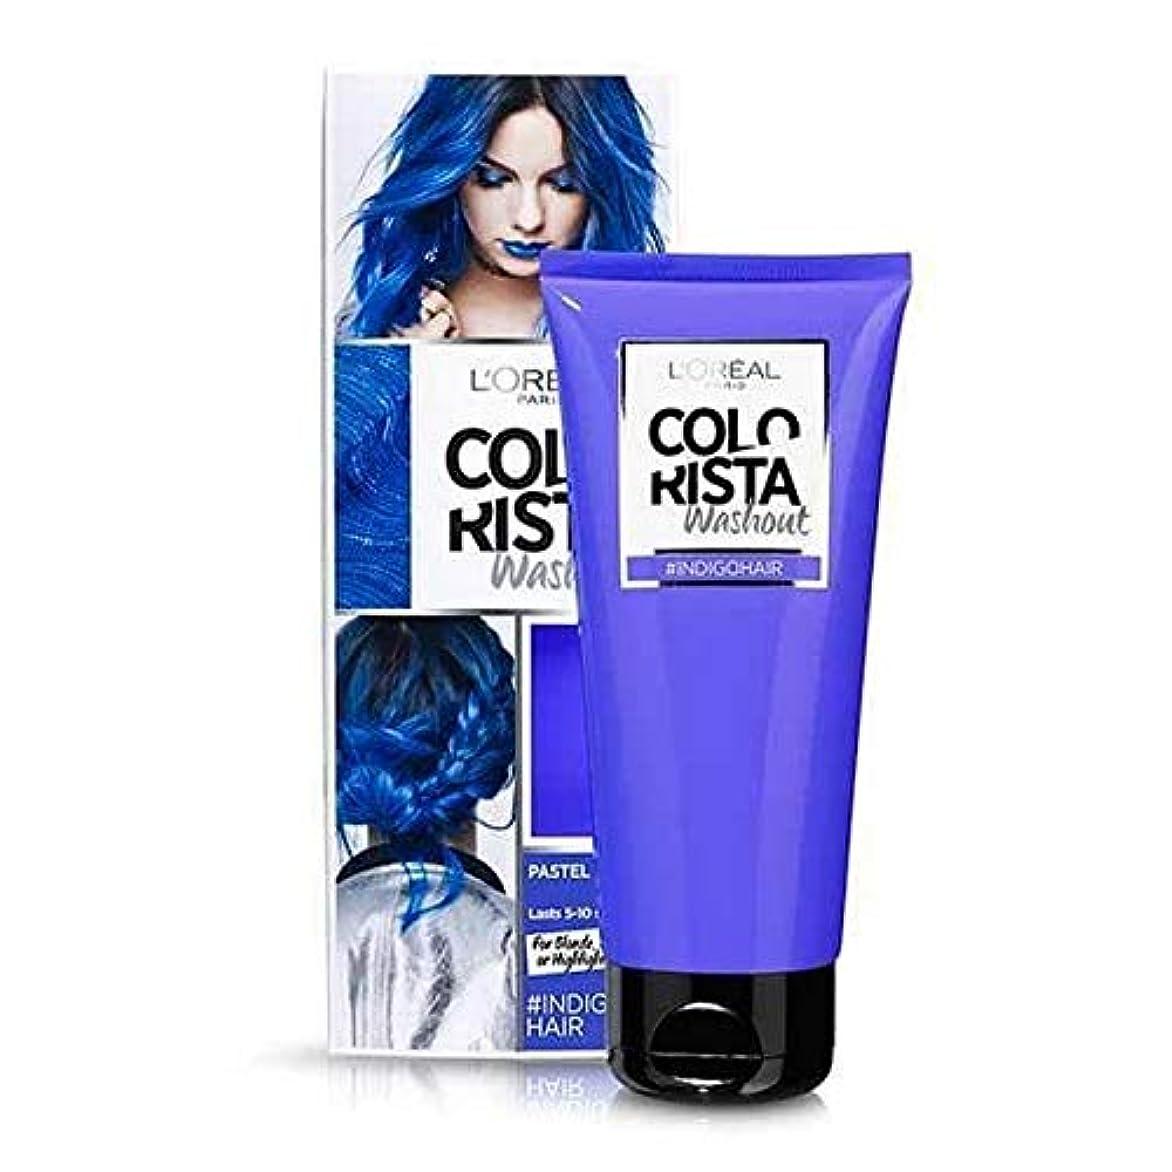 わな認可突進[Colorista] 青半永久染毛剤藍Colorista洗い出し - Colorista Washout Indigo Blue Semi-Permanent Hair Dye [並行輸入品]